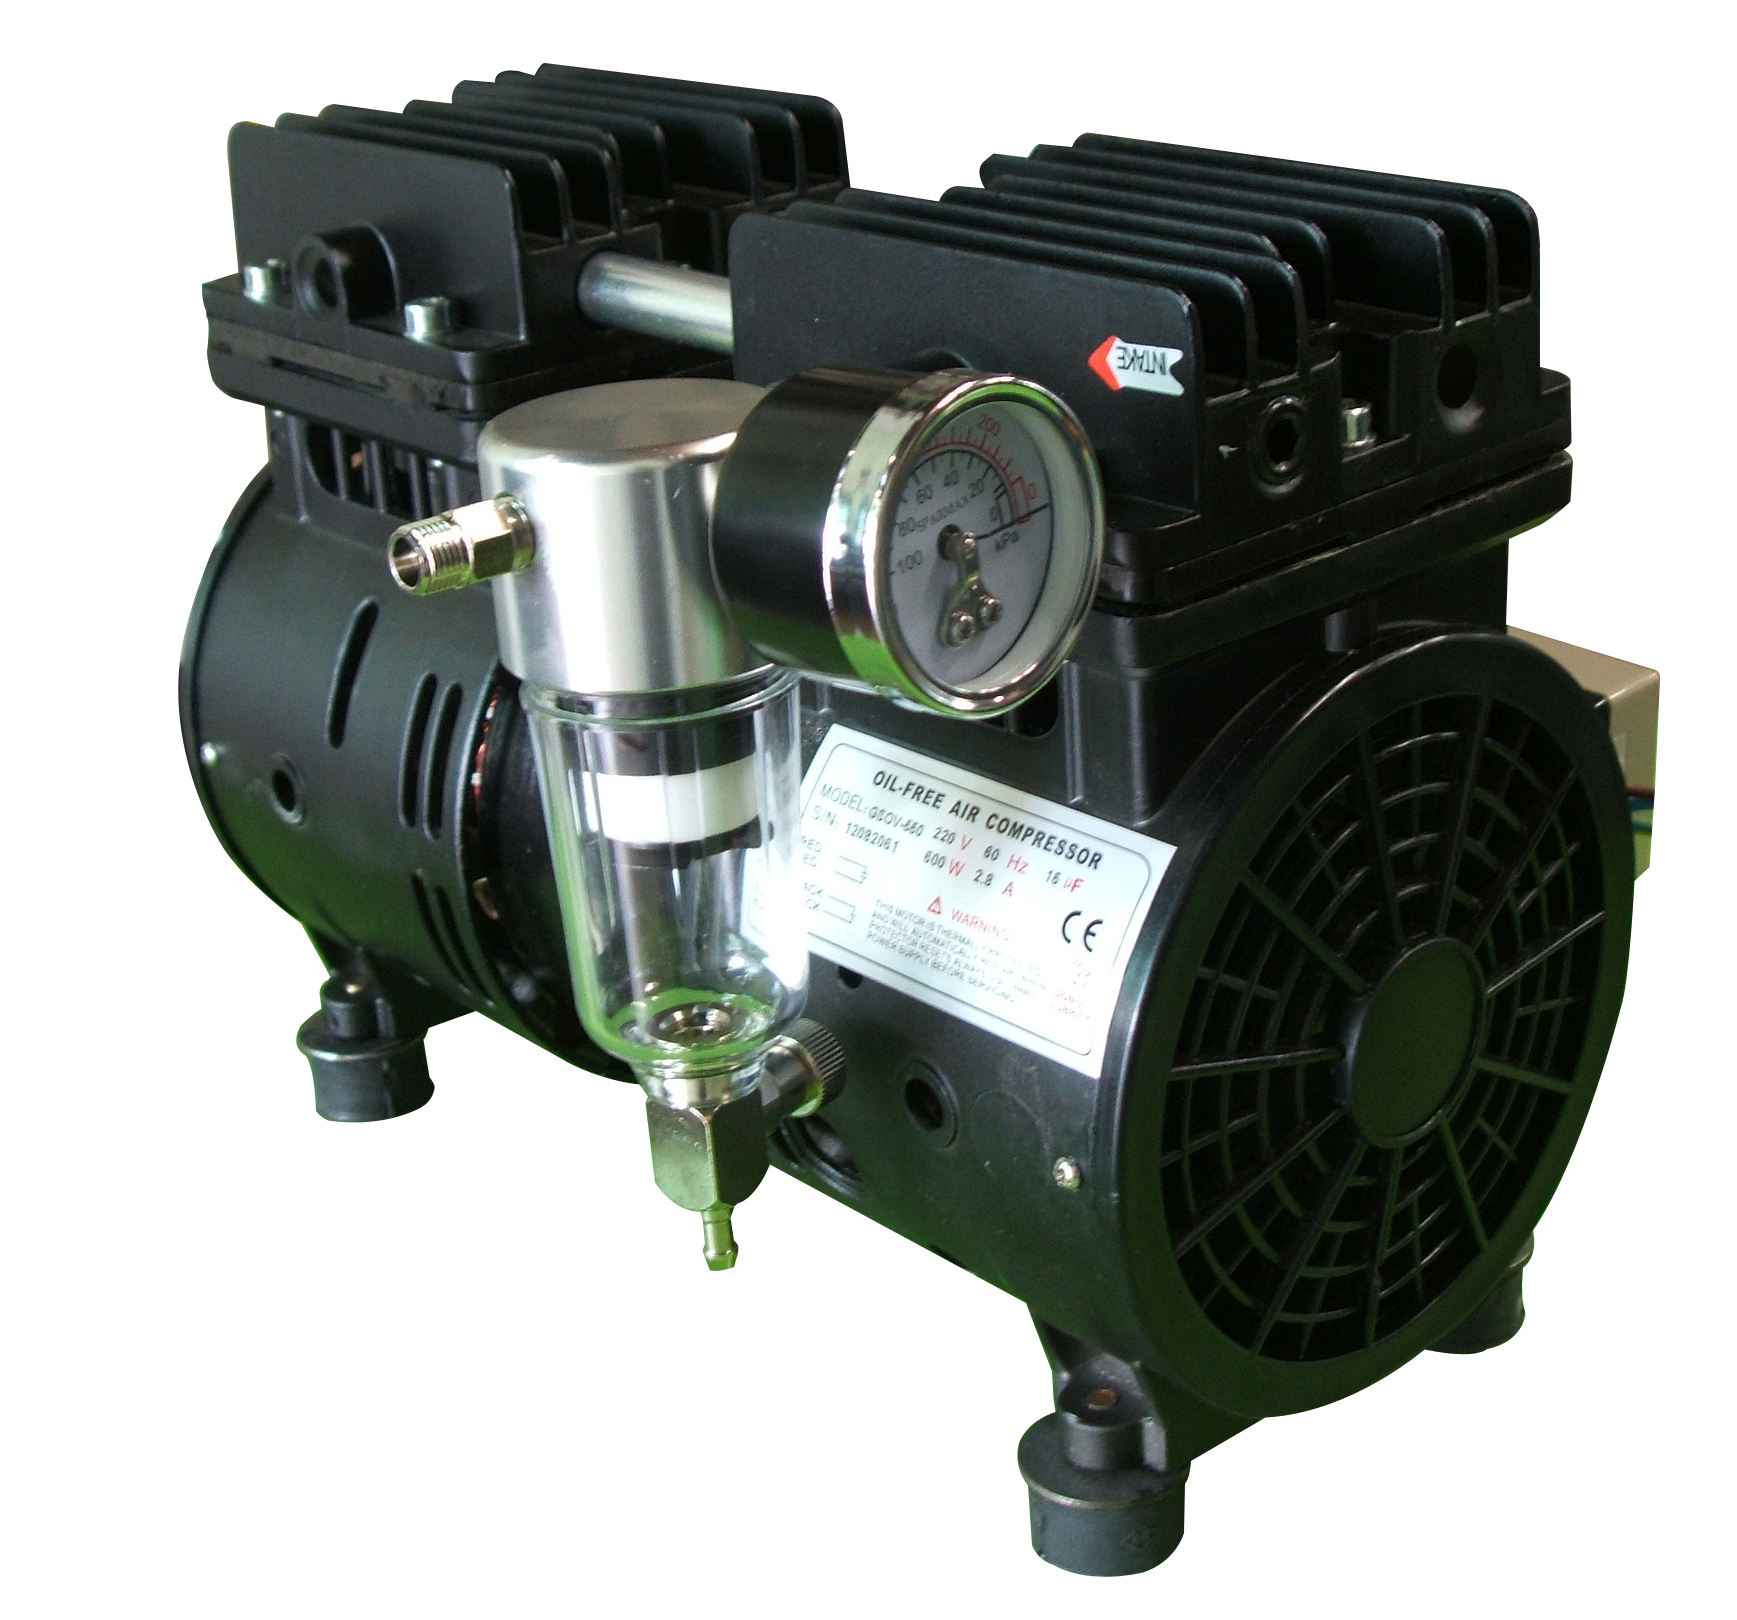 GSOV-550 Pump.jpg